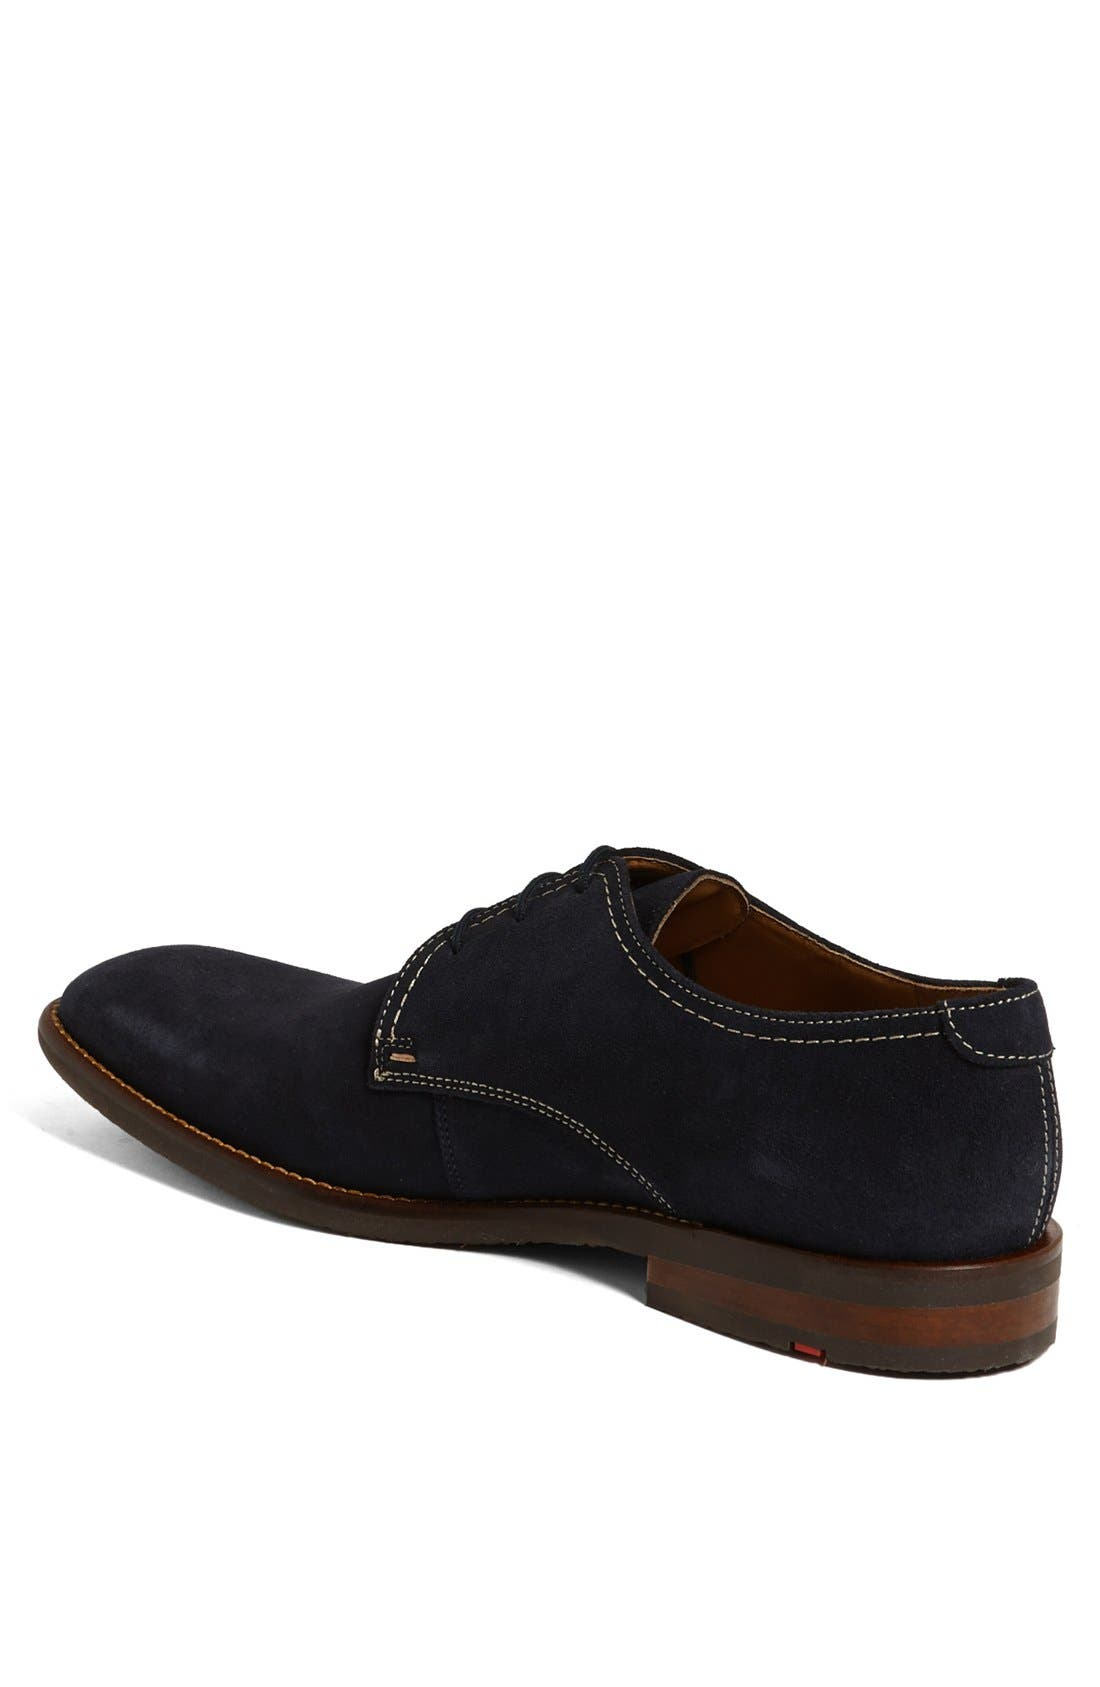 Alternate Image 2  - Lloyd 'Hel' Buck Shoe